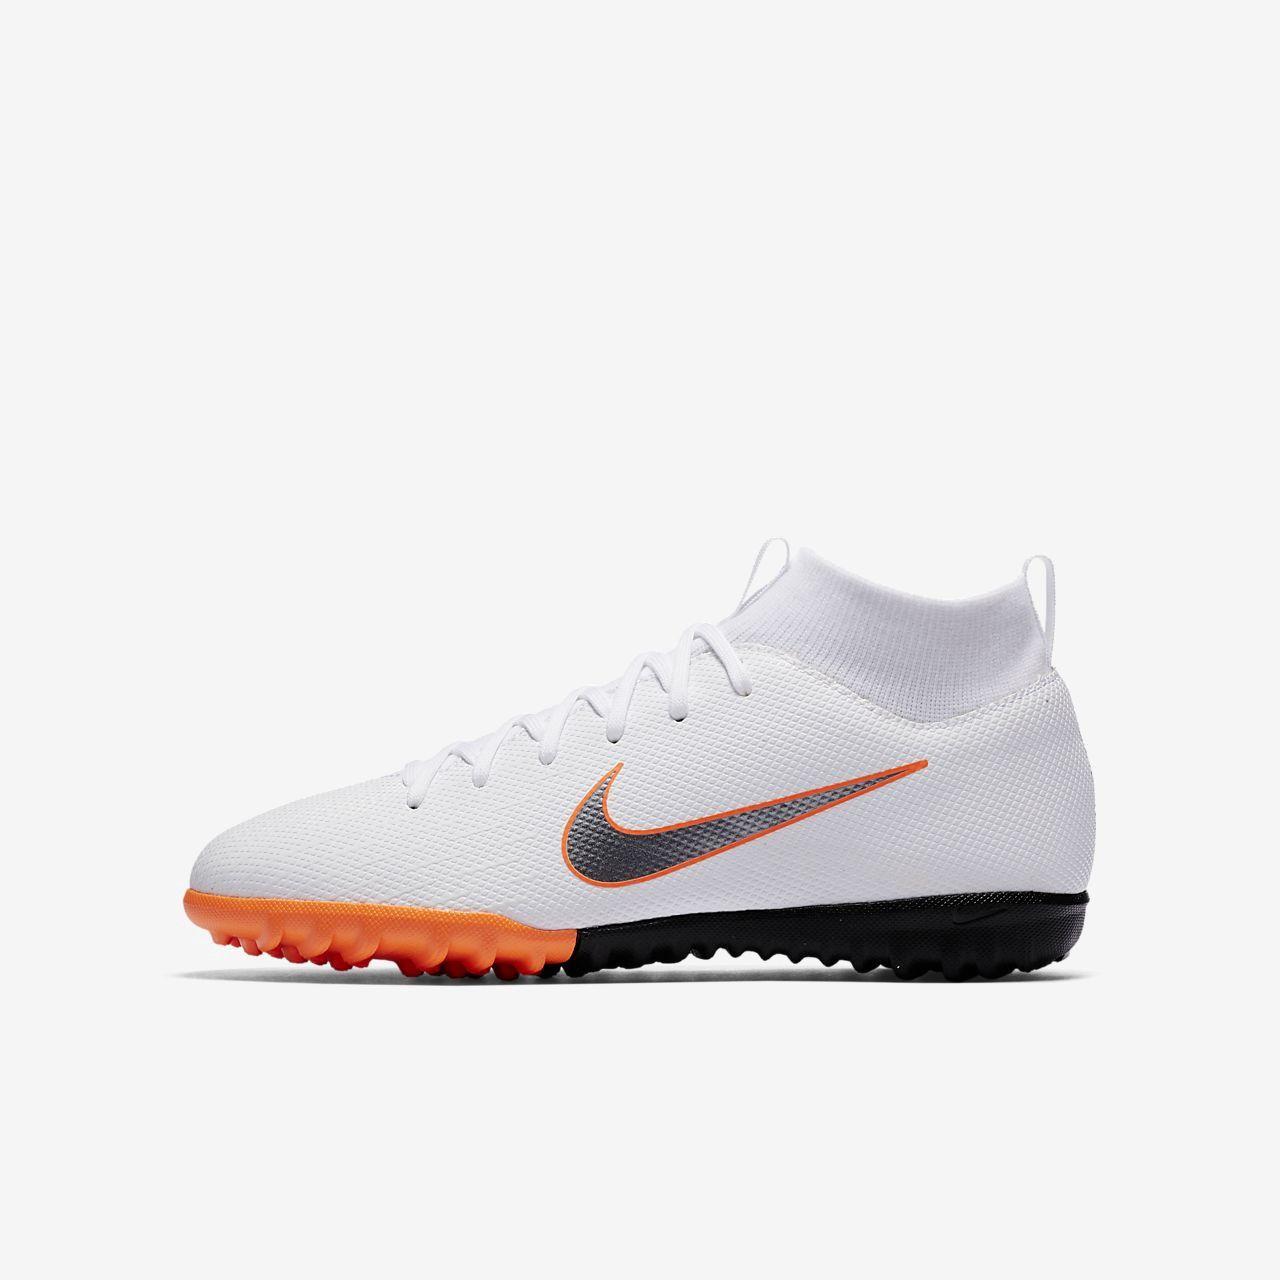 watch 61d14 2f9f0 Nike Jr. Mercurialx Superfly VI Academy Just Do It Little/Big Kids' Turf  Soccer Shoe - 1.5Y Grey